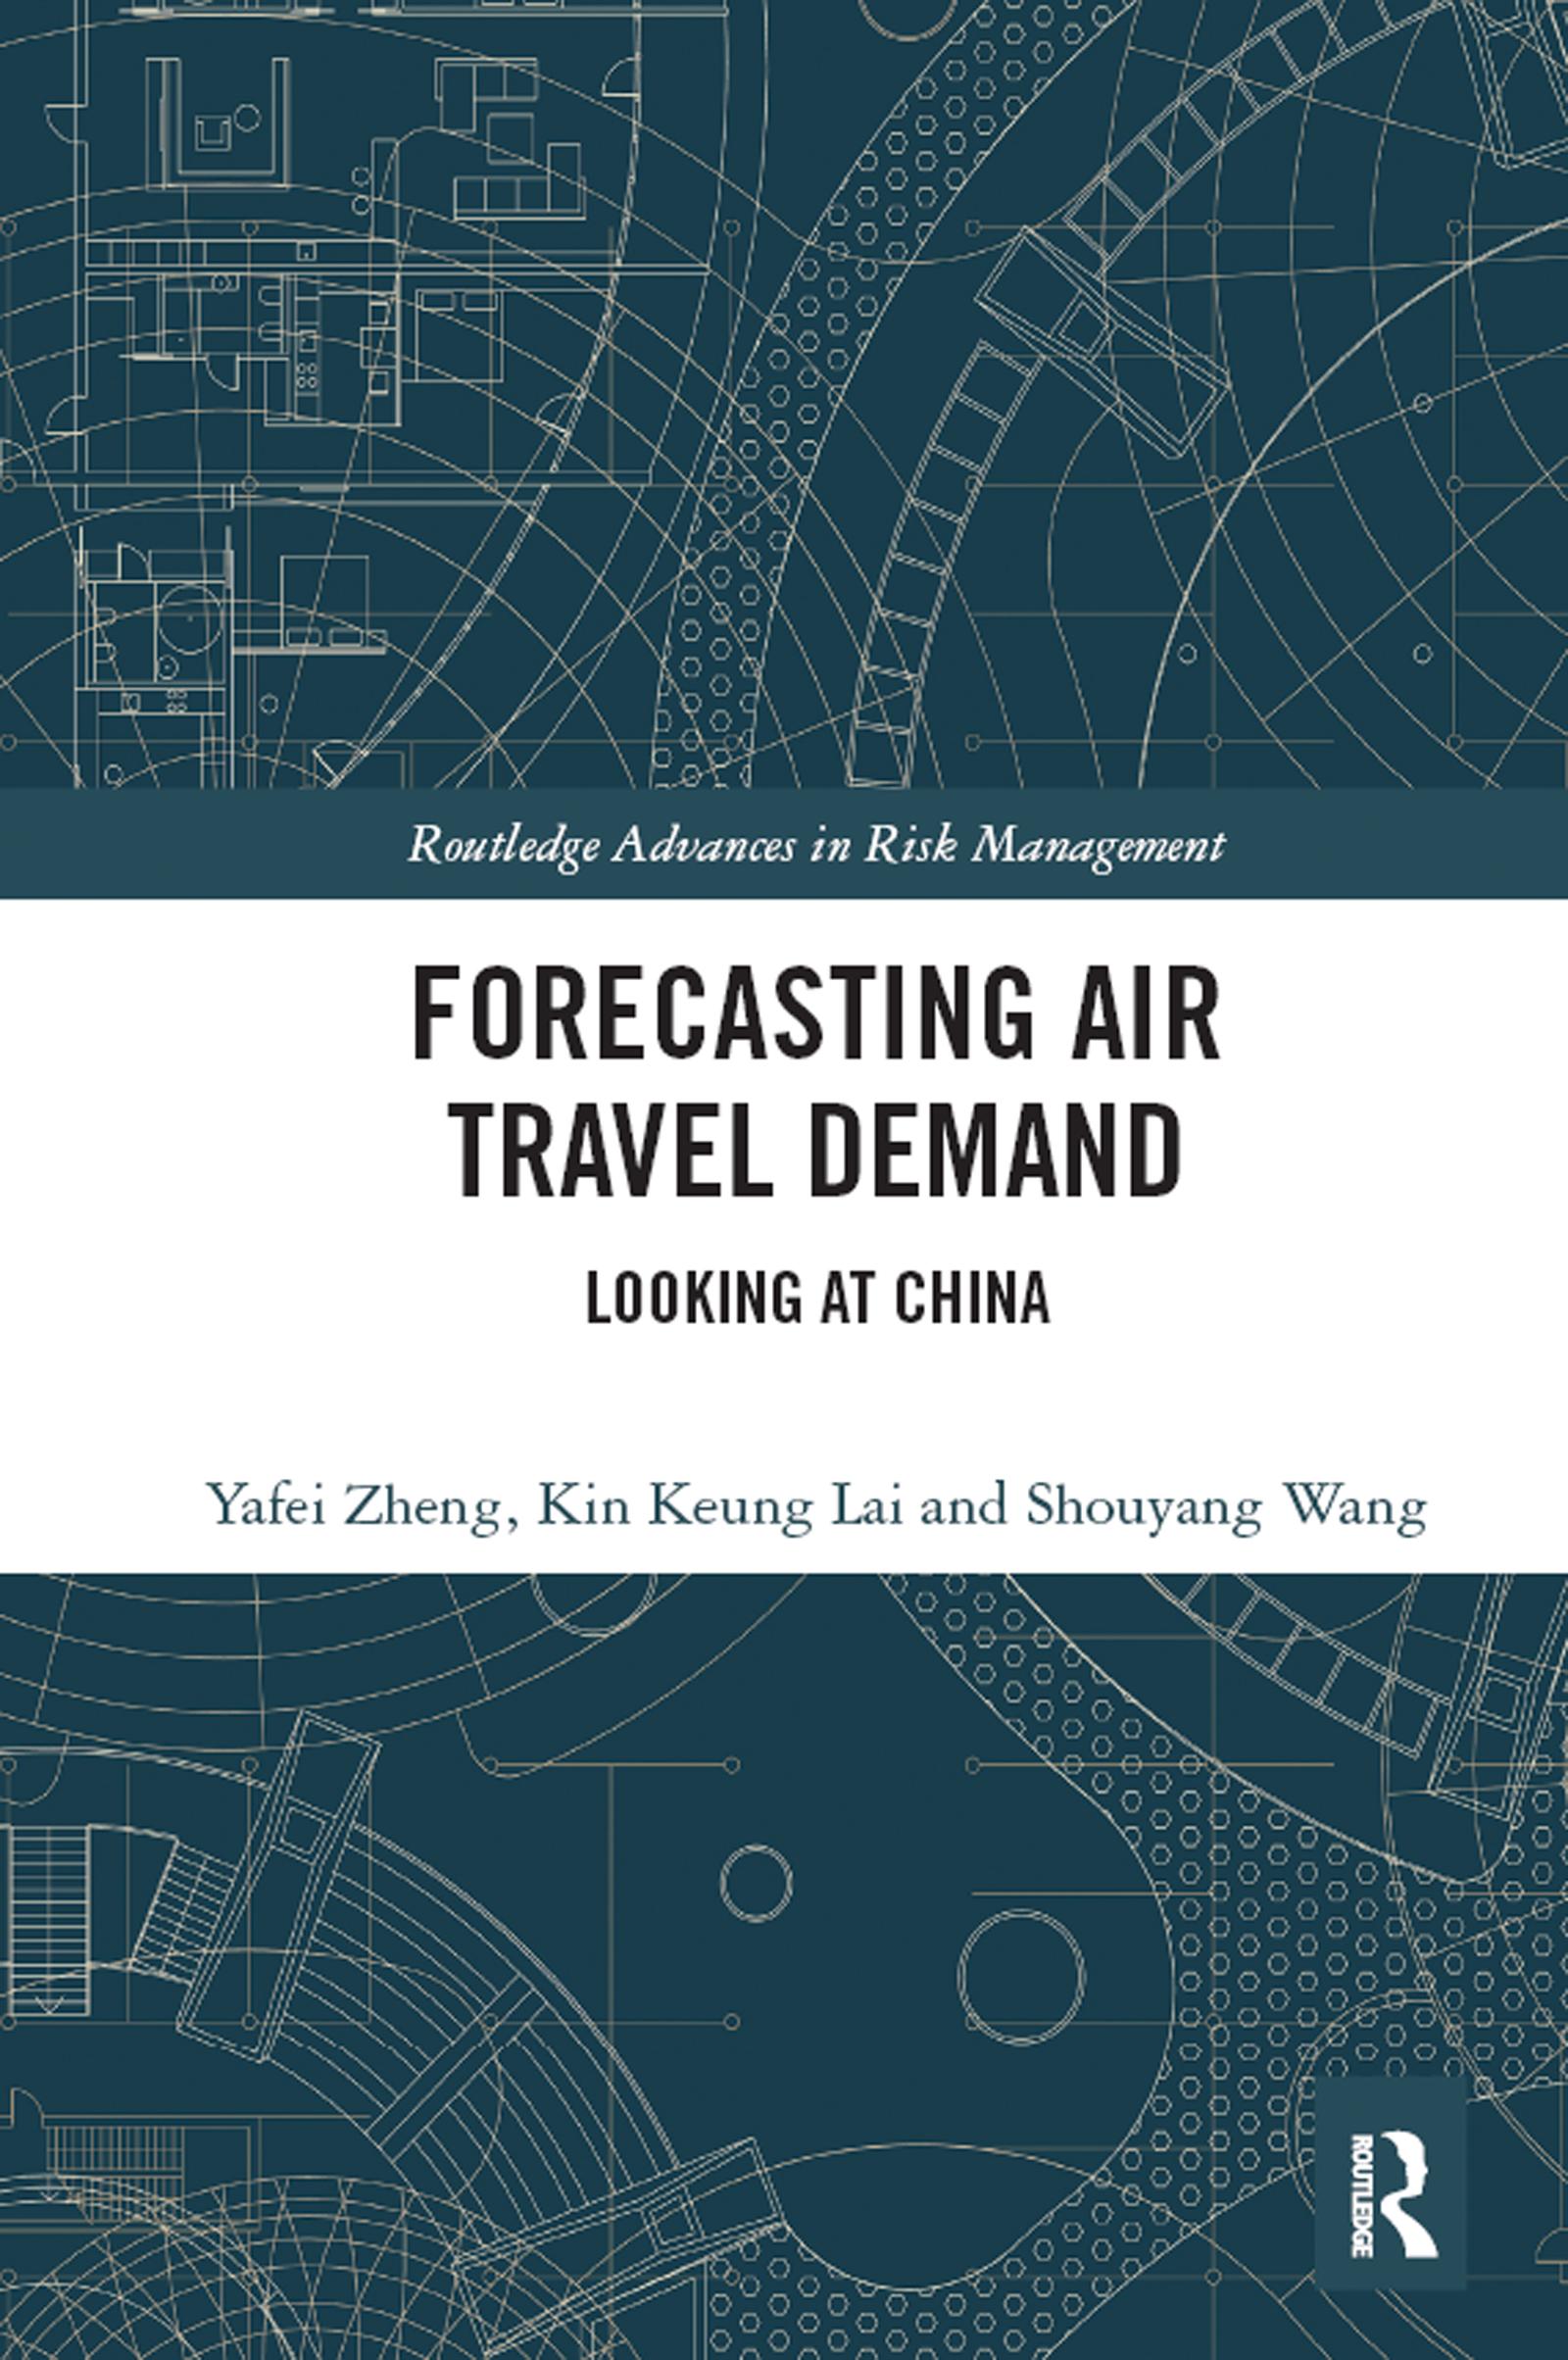 Forecasting Air Travel Demand